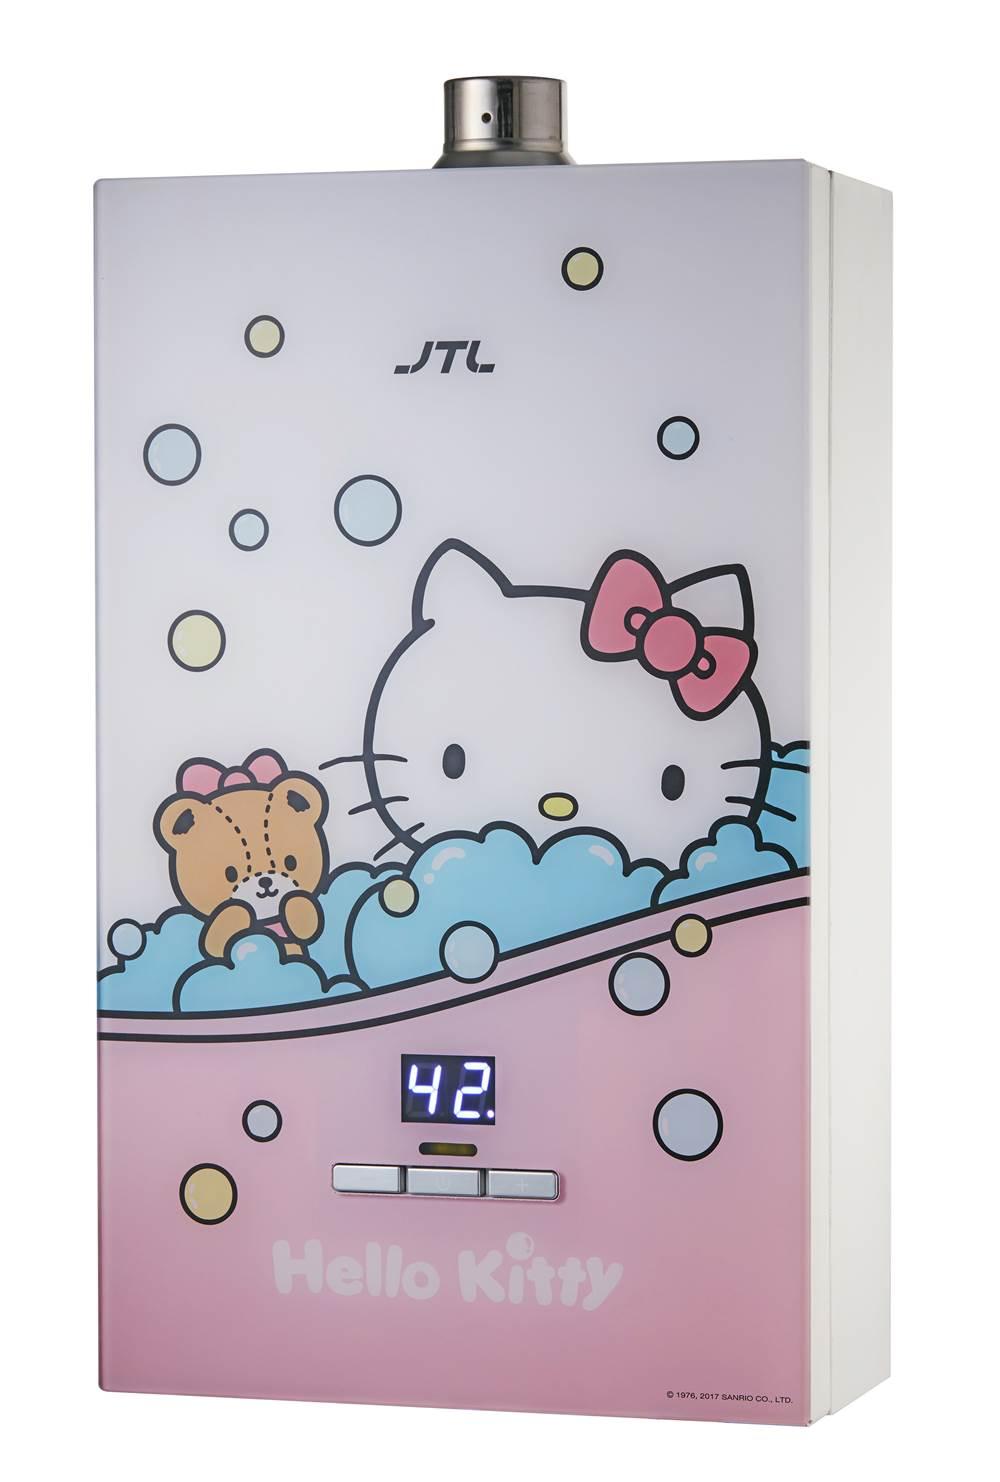 JT-H1633KITTY 數位恆溫熱水器(16L)(即將上市)-JT-H1633KITTY